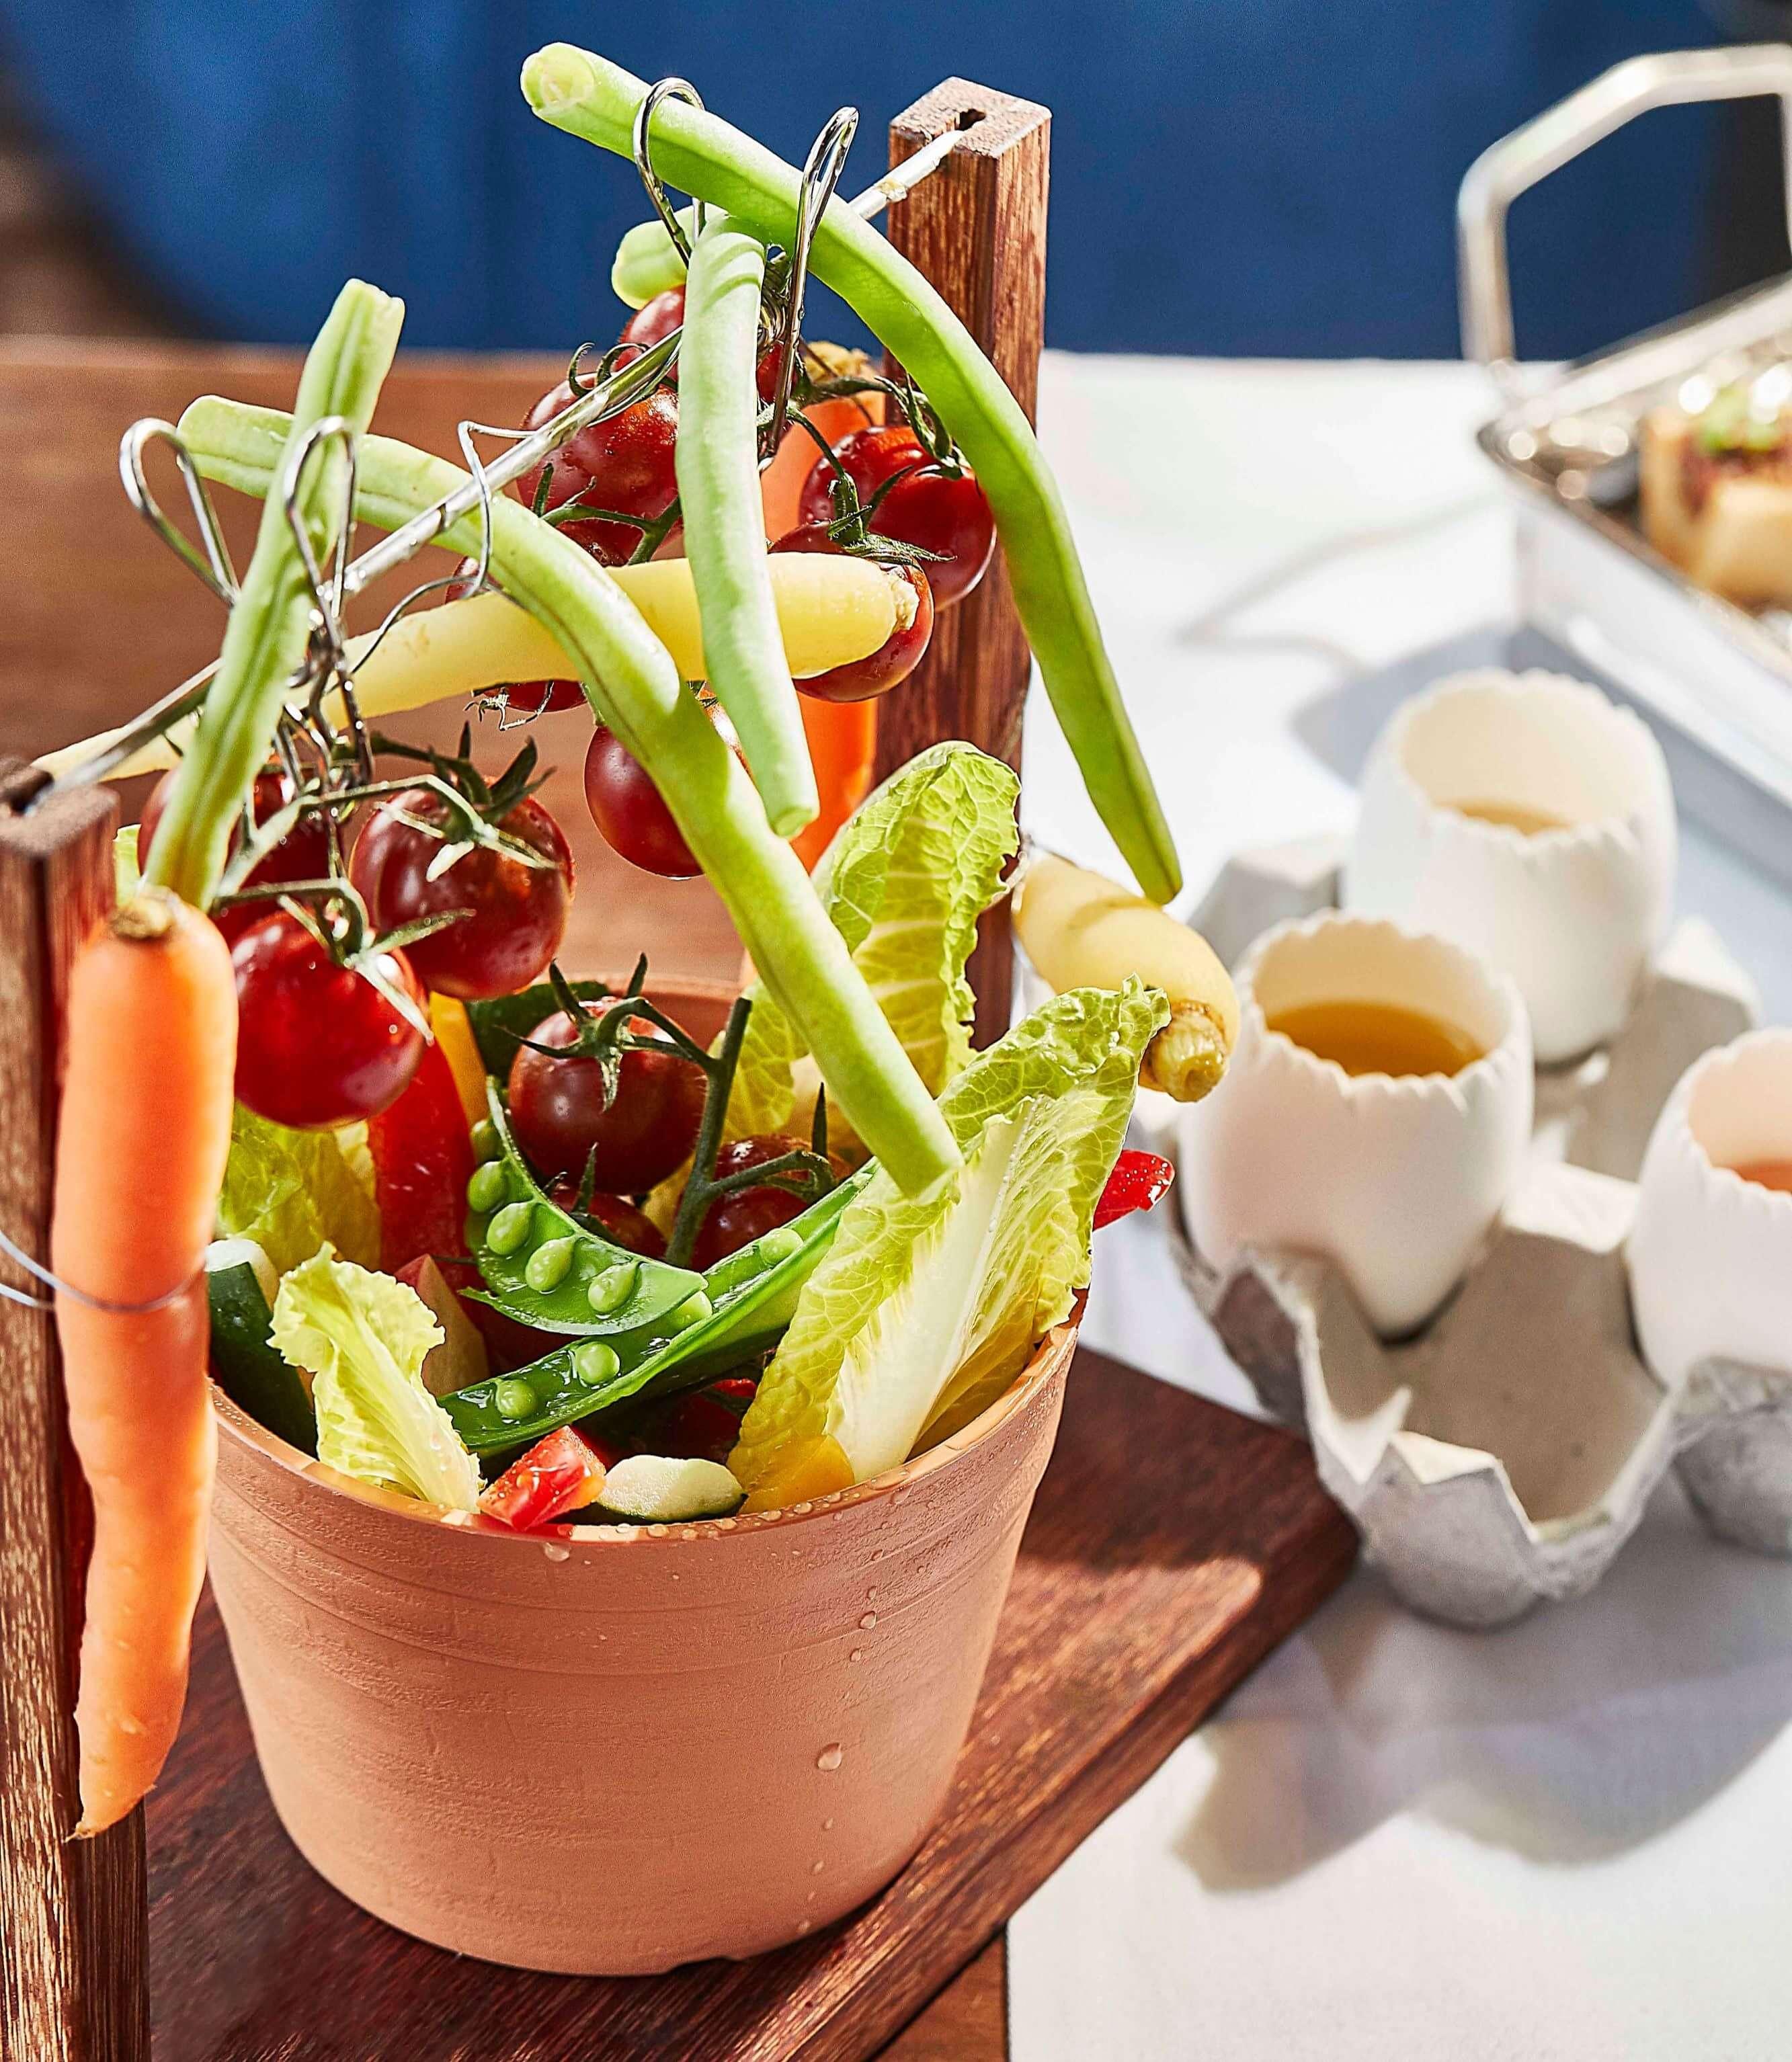 台北萬豪酒店INGES早午餐_花園沙拉。(圖/台北萬豪酒店提供)